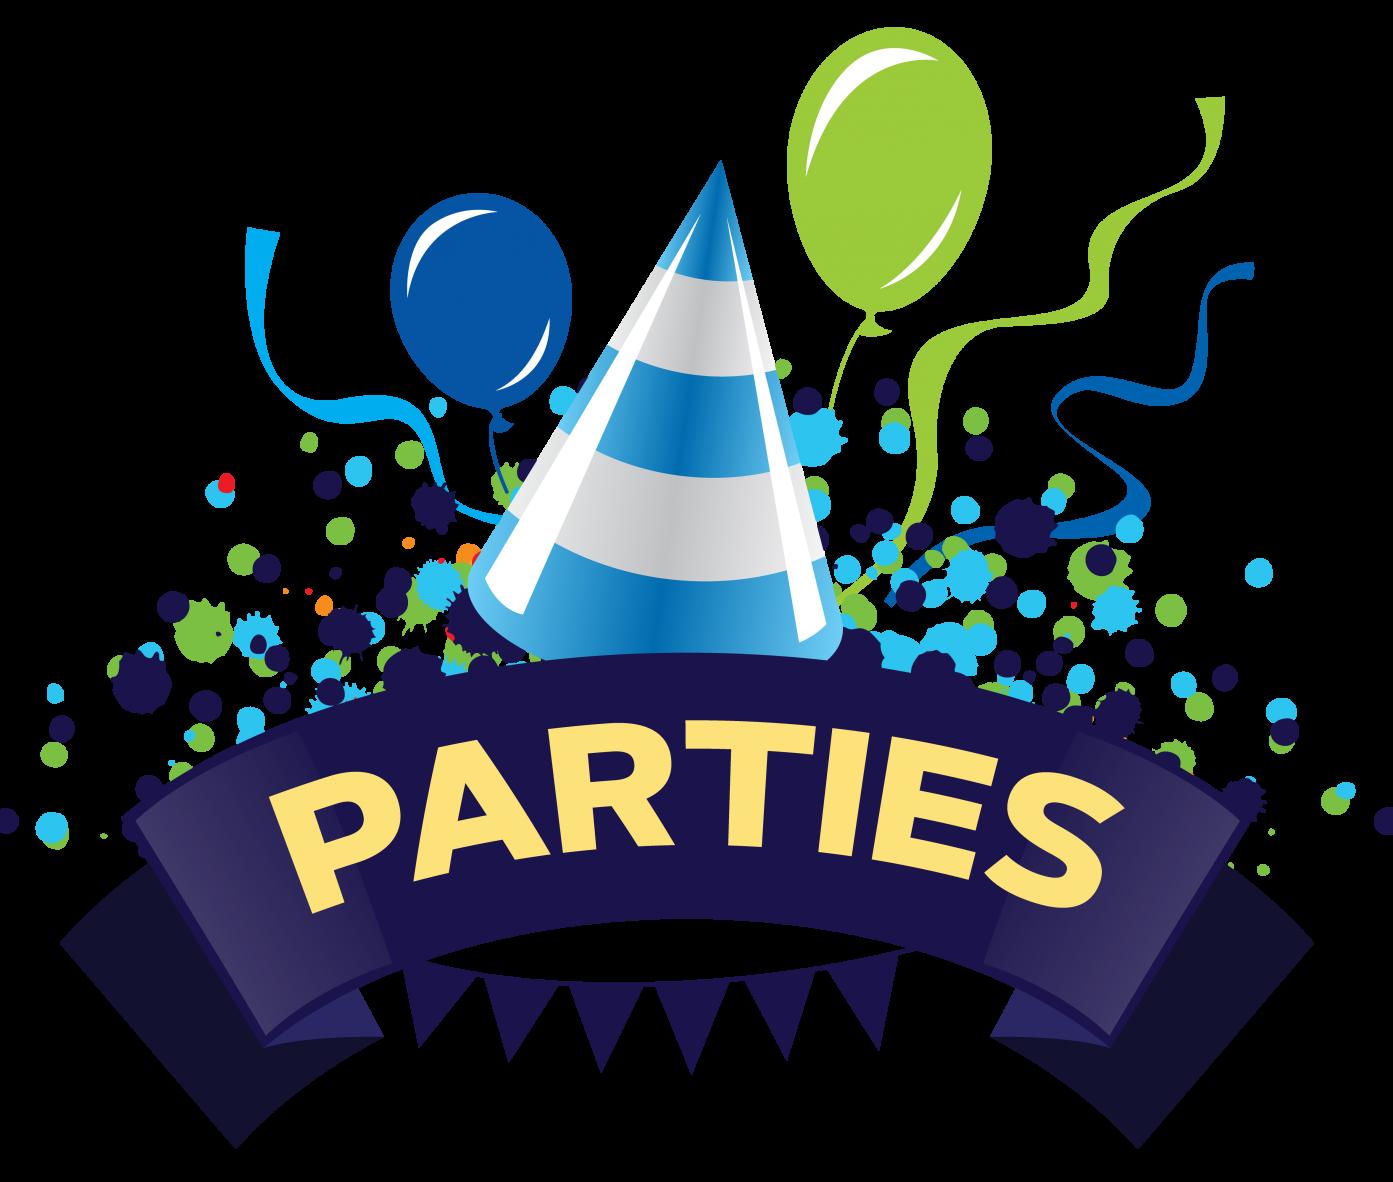 spz-parties